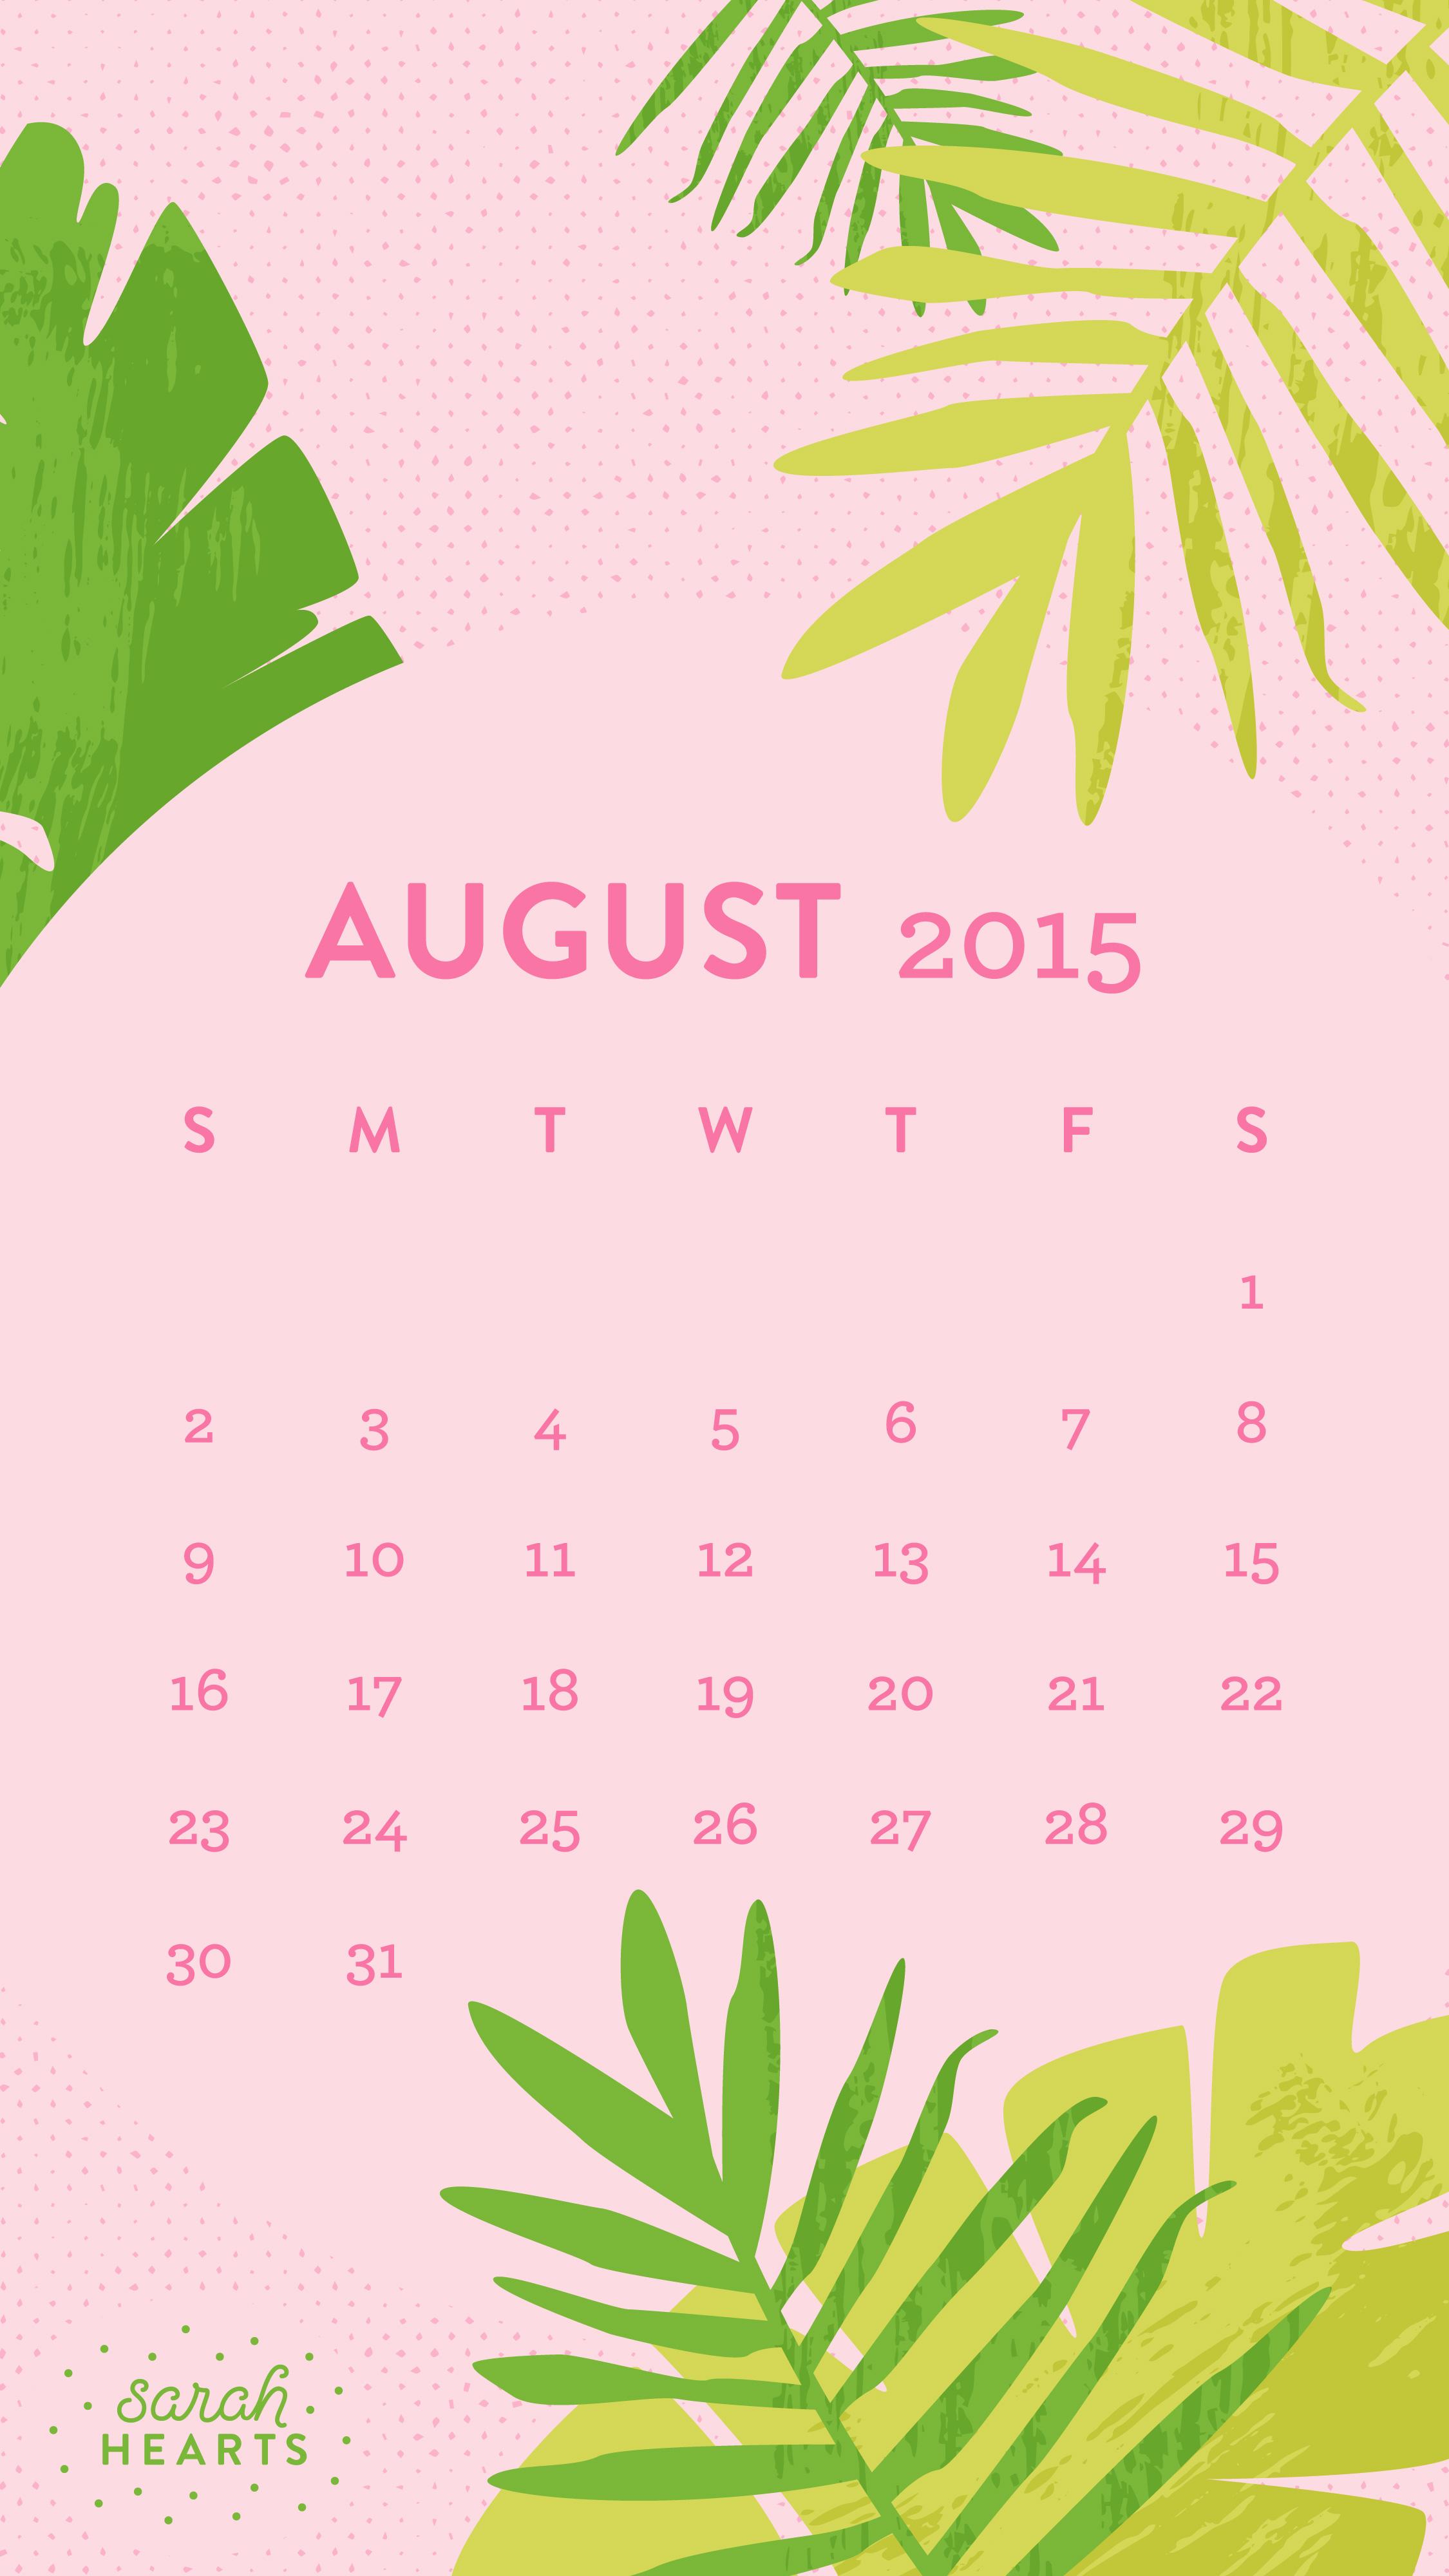 August iphone wallpaper august2015_wallpaper_calendar_iphone